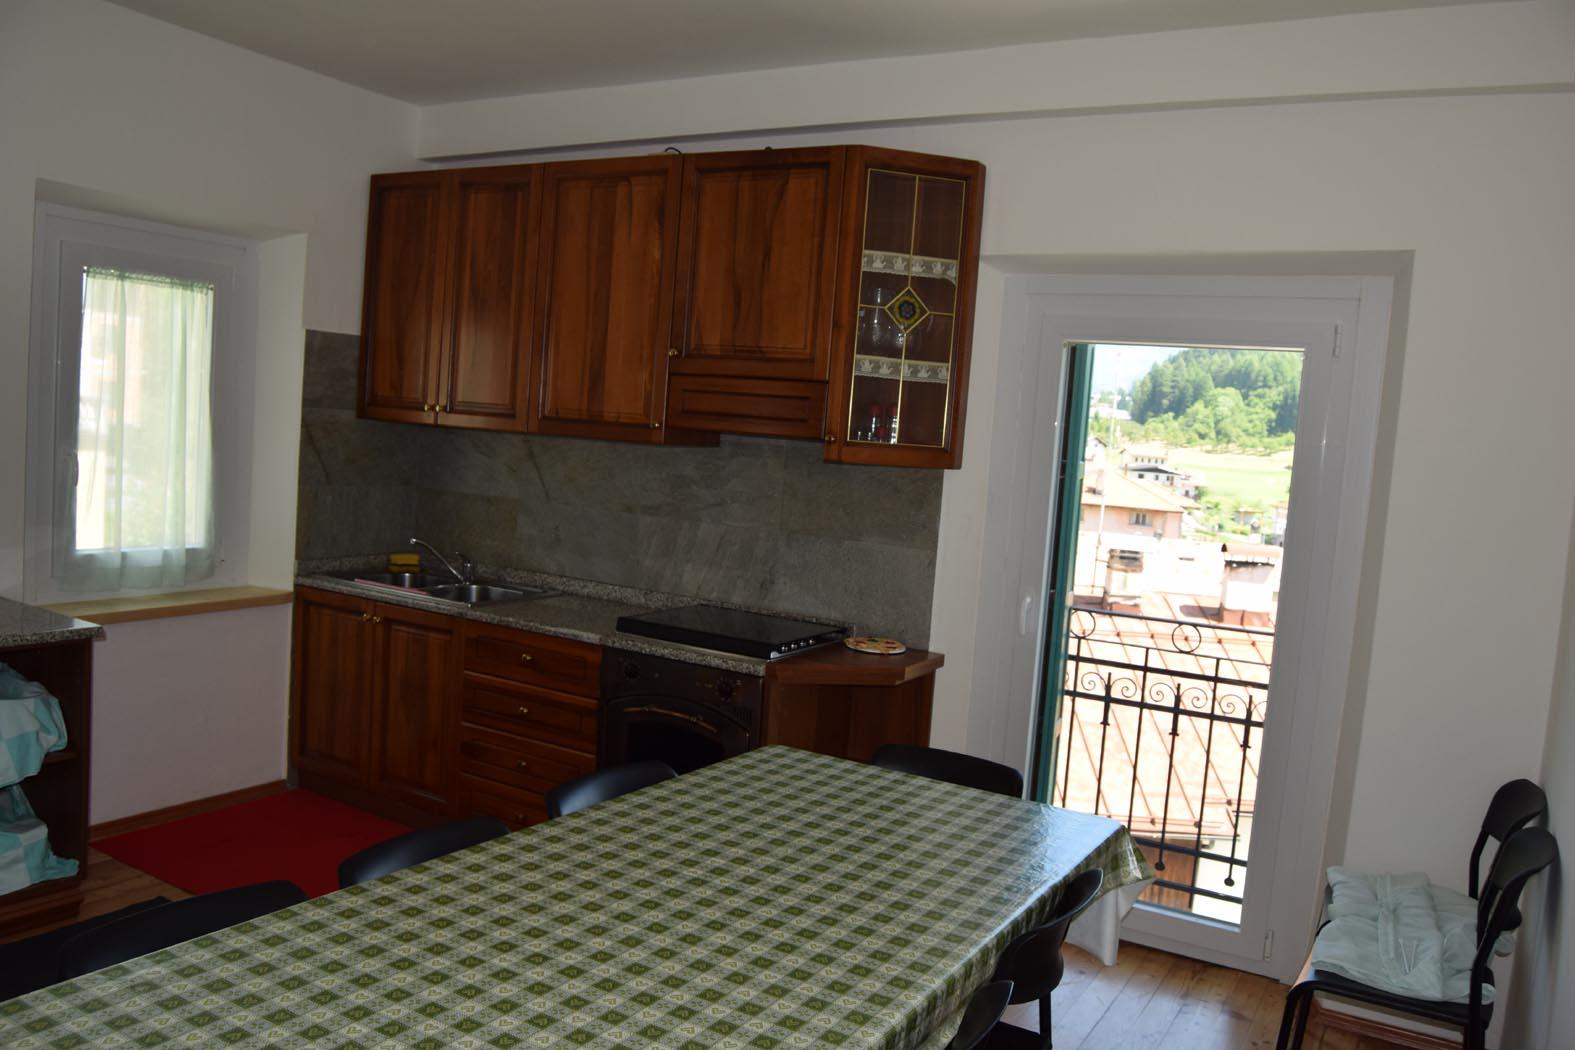 casa-domegge-cucina-al-piano